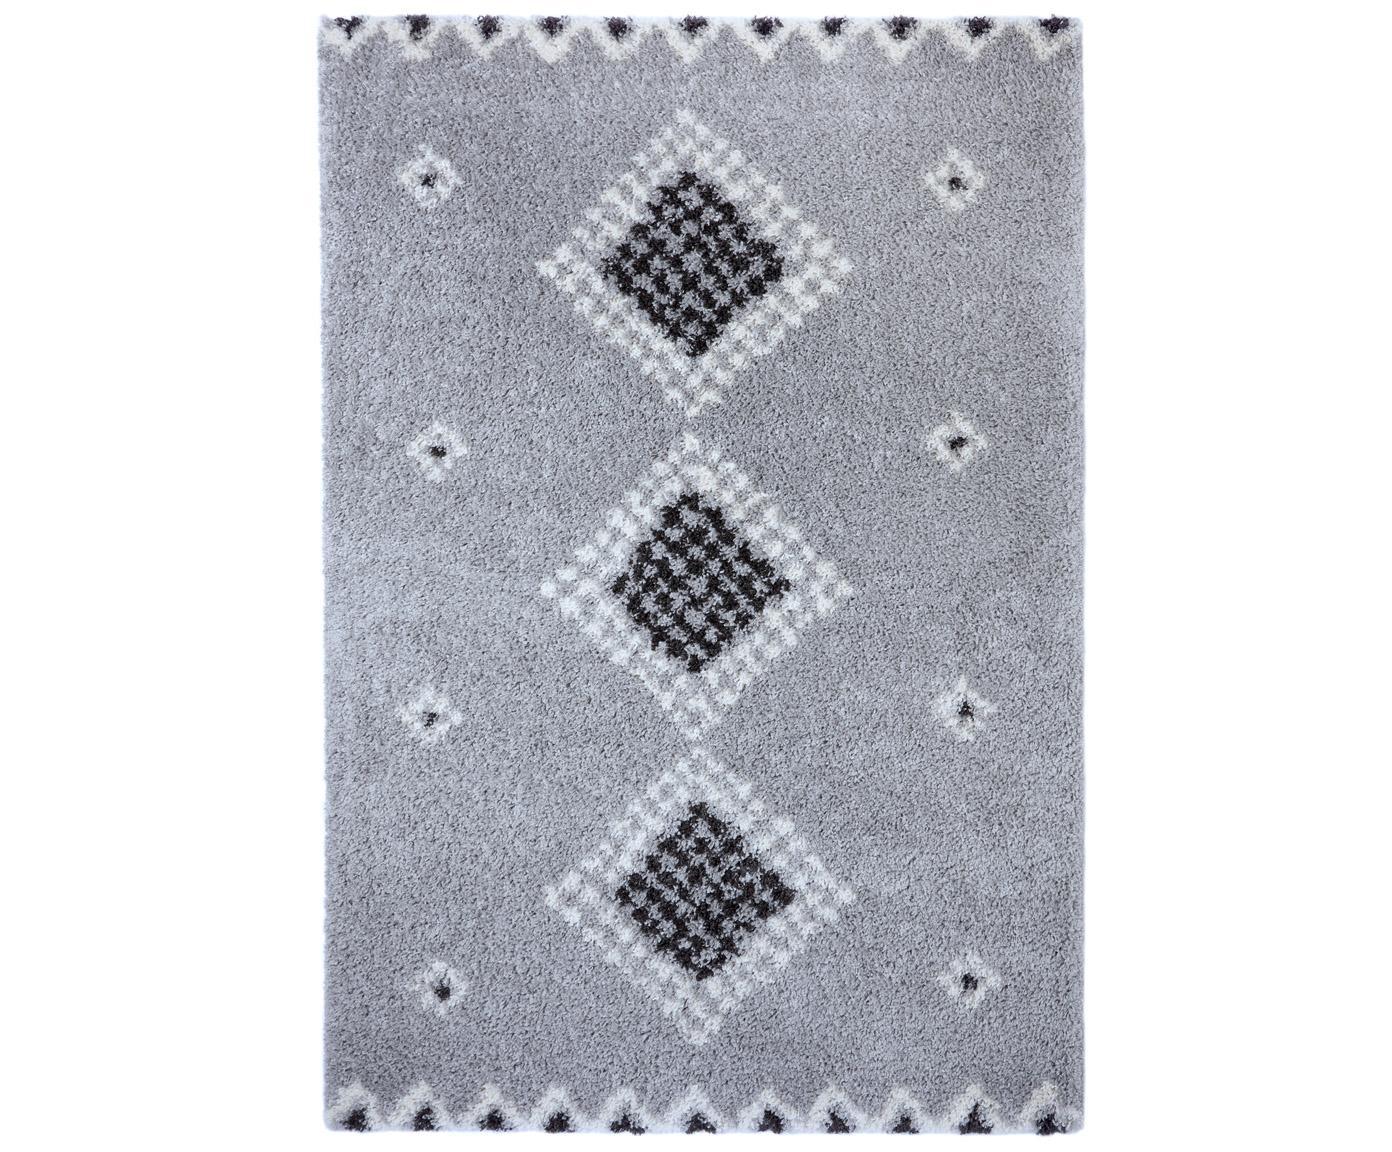 Teppich Cassia mit Ethnomuster, 100% Polypropylen, Grau, Cremefarben. Schwarz, B 80 x L 150 cm (Größe XS)